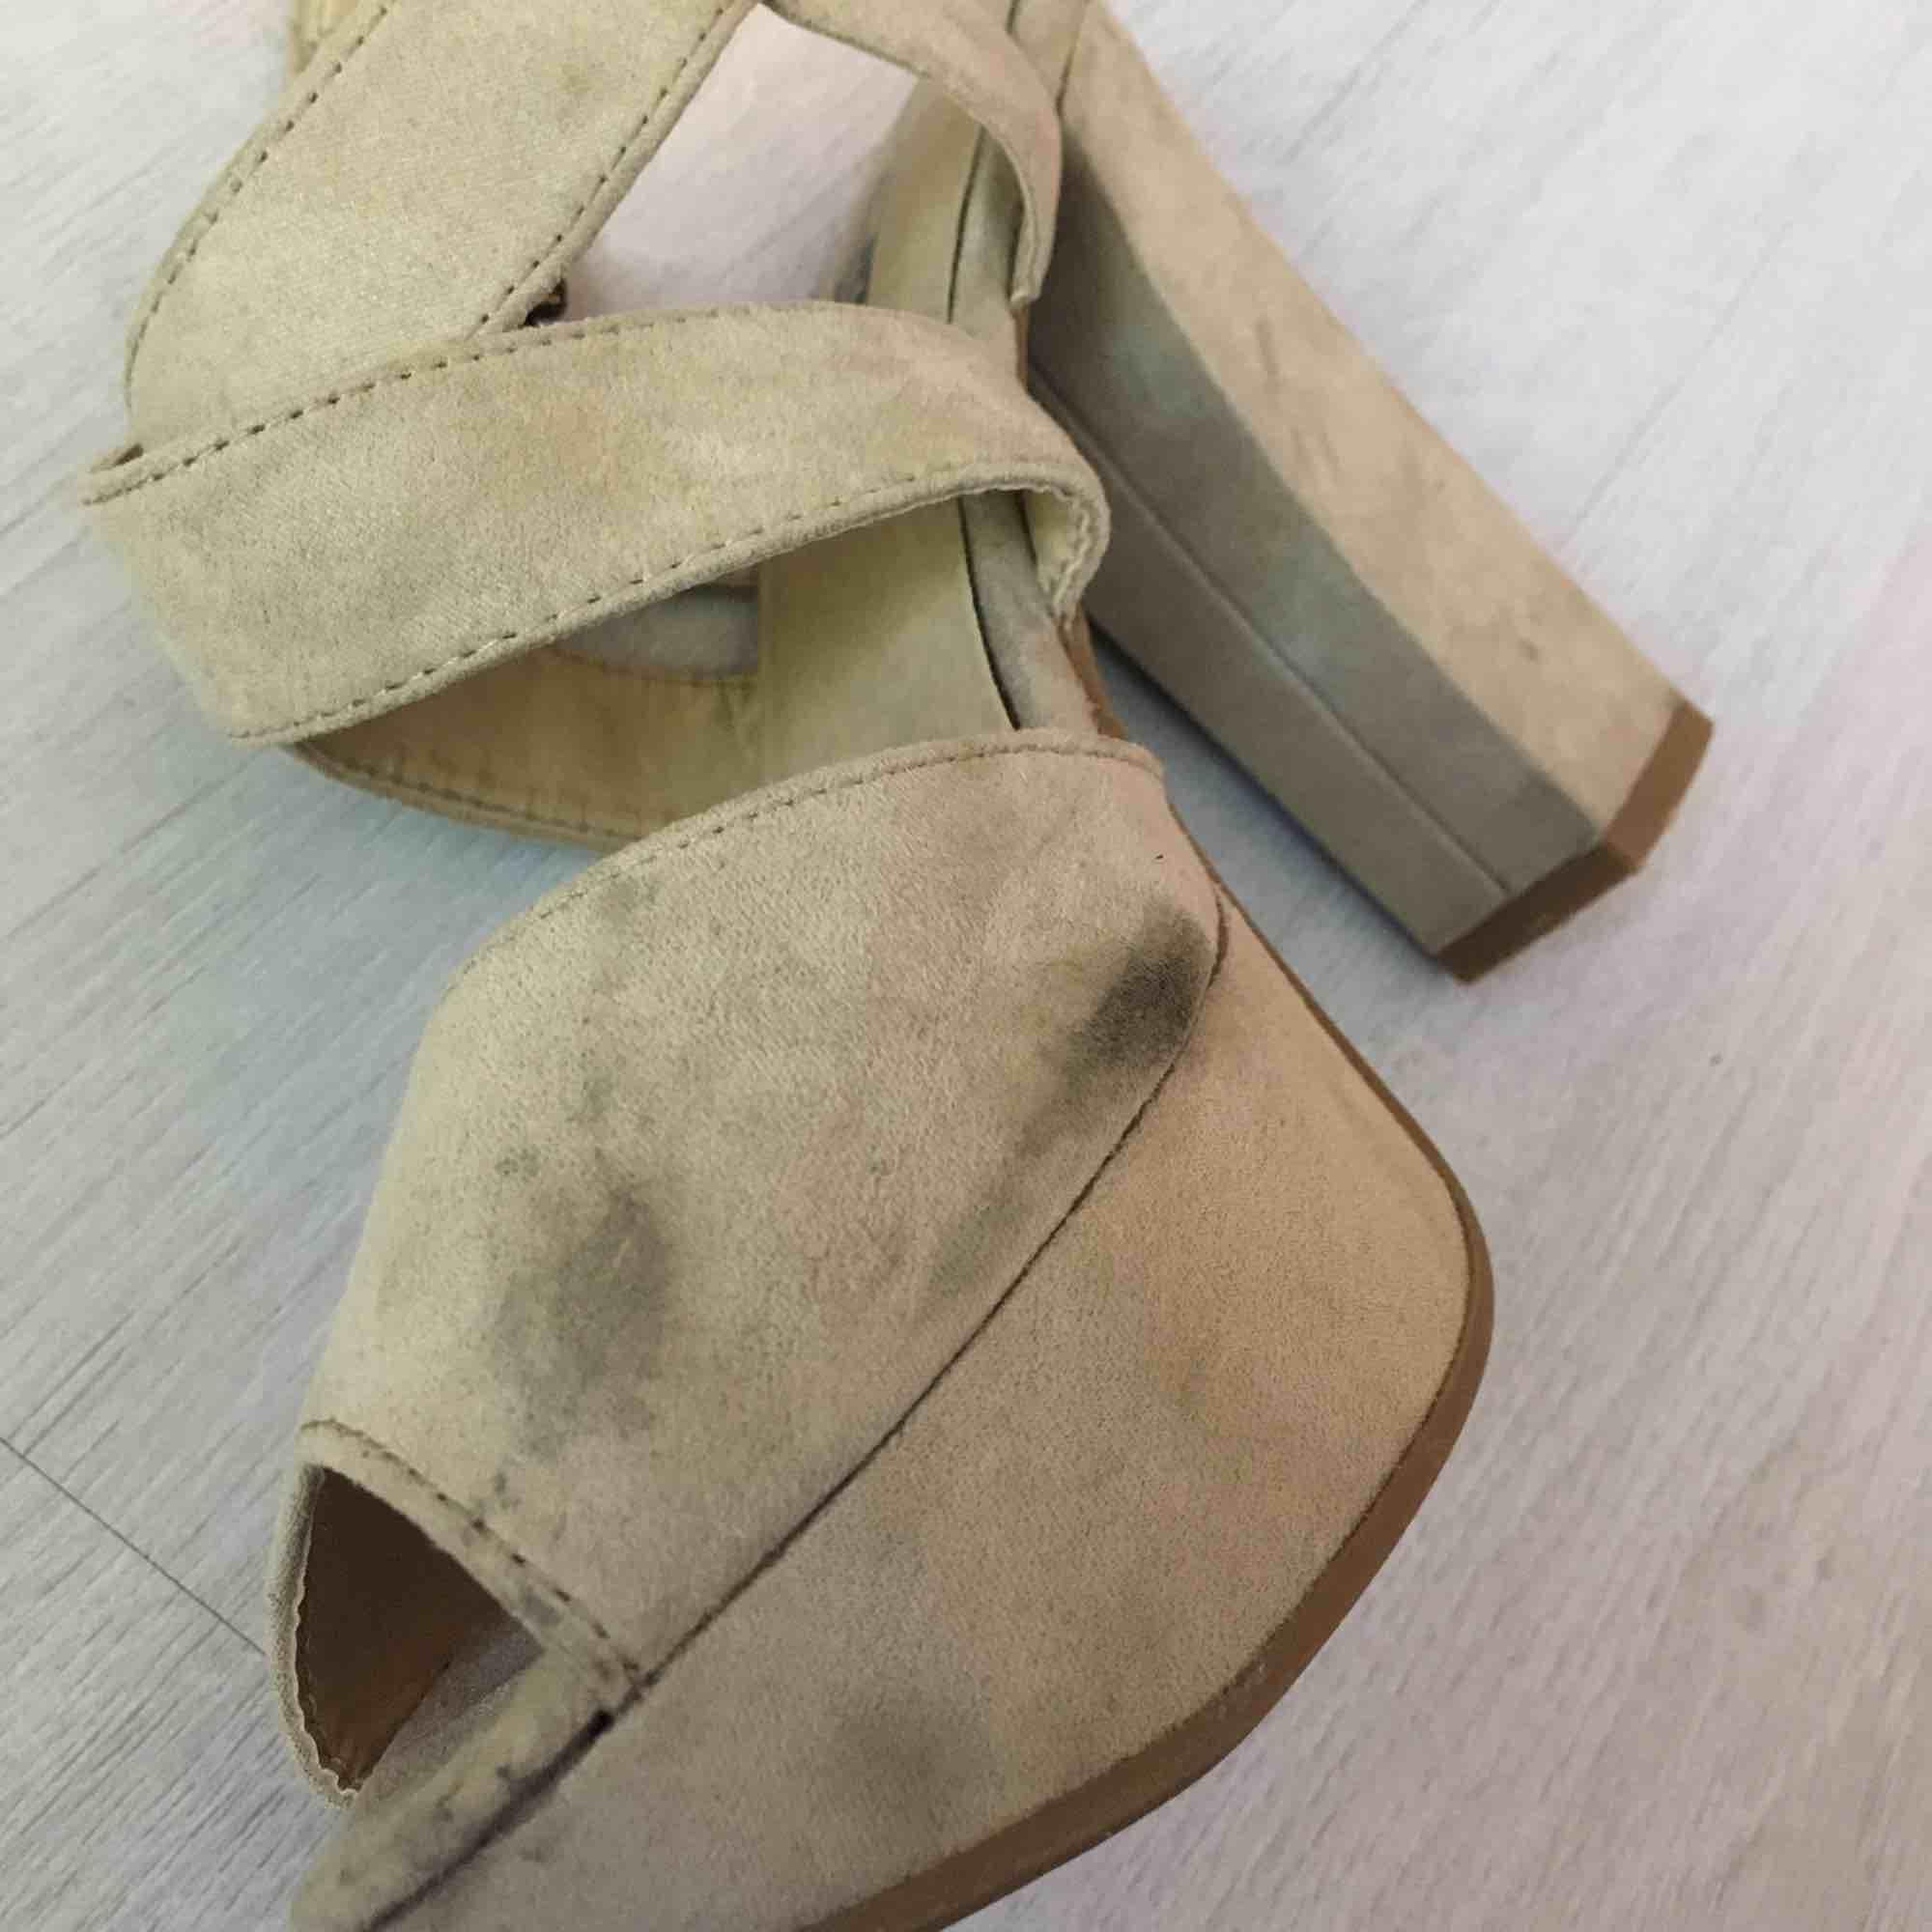 Superfina klackskor från Din sko, använda vid endast 4 tillfällen. Storlek 37 med 3,5cm platå och 11,5cm klack. Några fläckar på insidan som syns på bild nr. 3.   Kan skickas mot fraktkostnad eller mötas vid Fridhemsplan.. Skor.